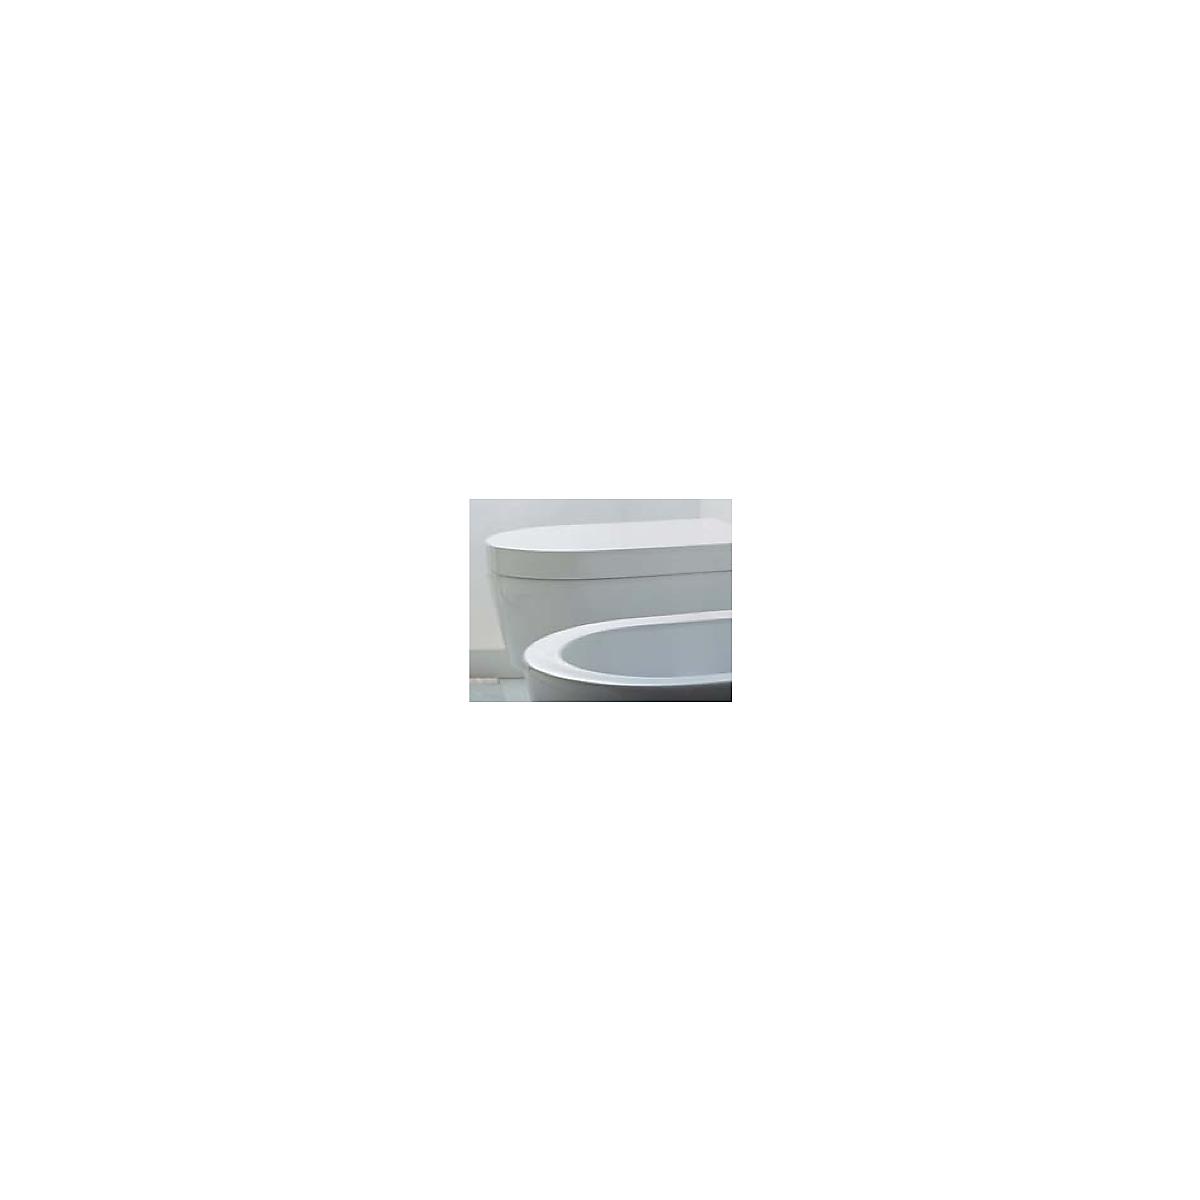 5051CW02 Flaminia  Flaminia Link Toalettsits/lock Utan mjukstängande gångjärn, Vit